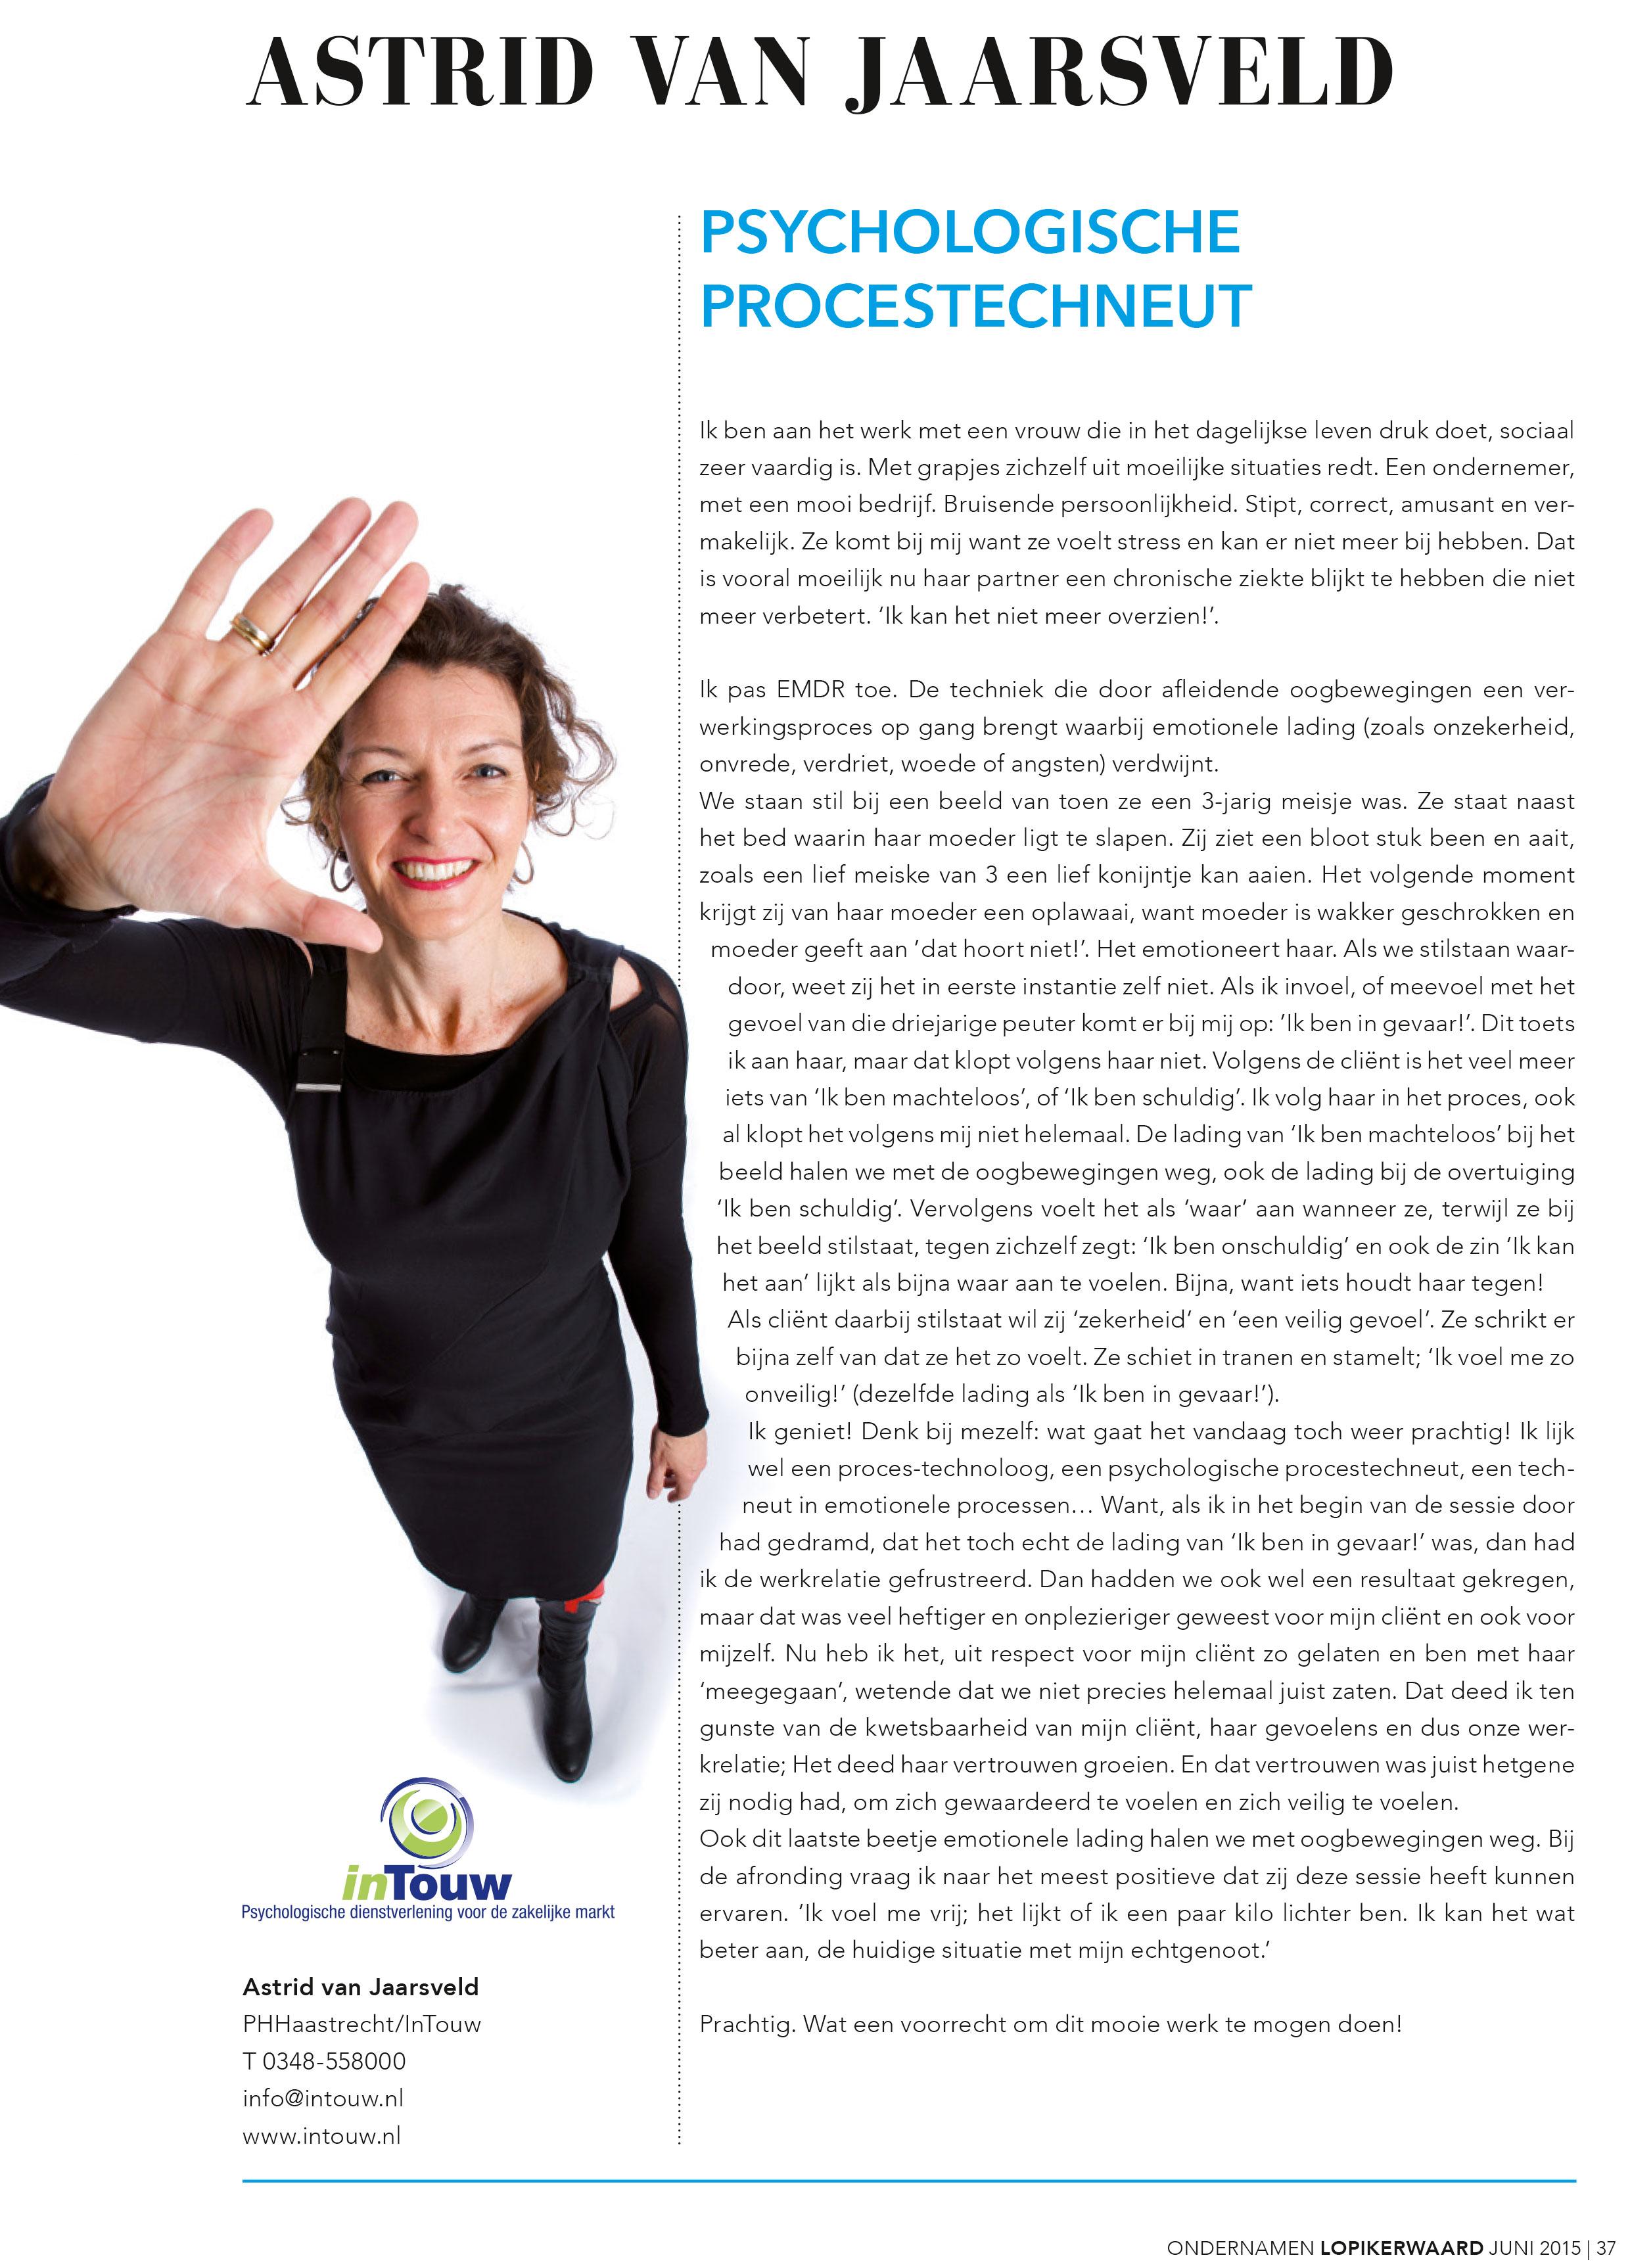 Column Astrid van Jaarsveld psychologische procestechneut